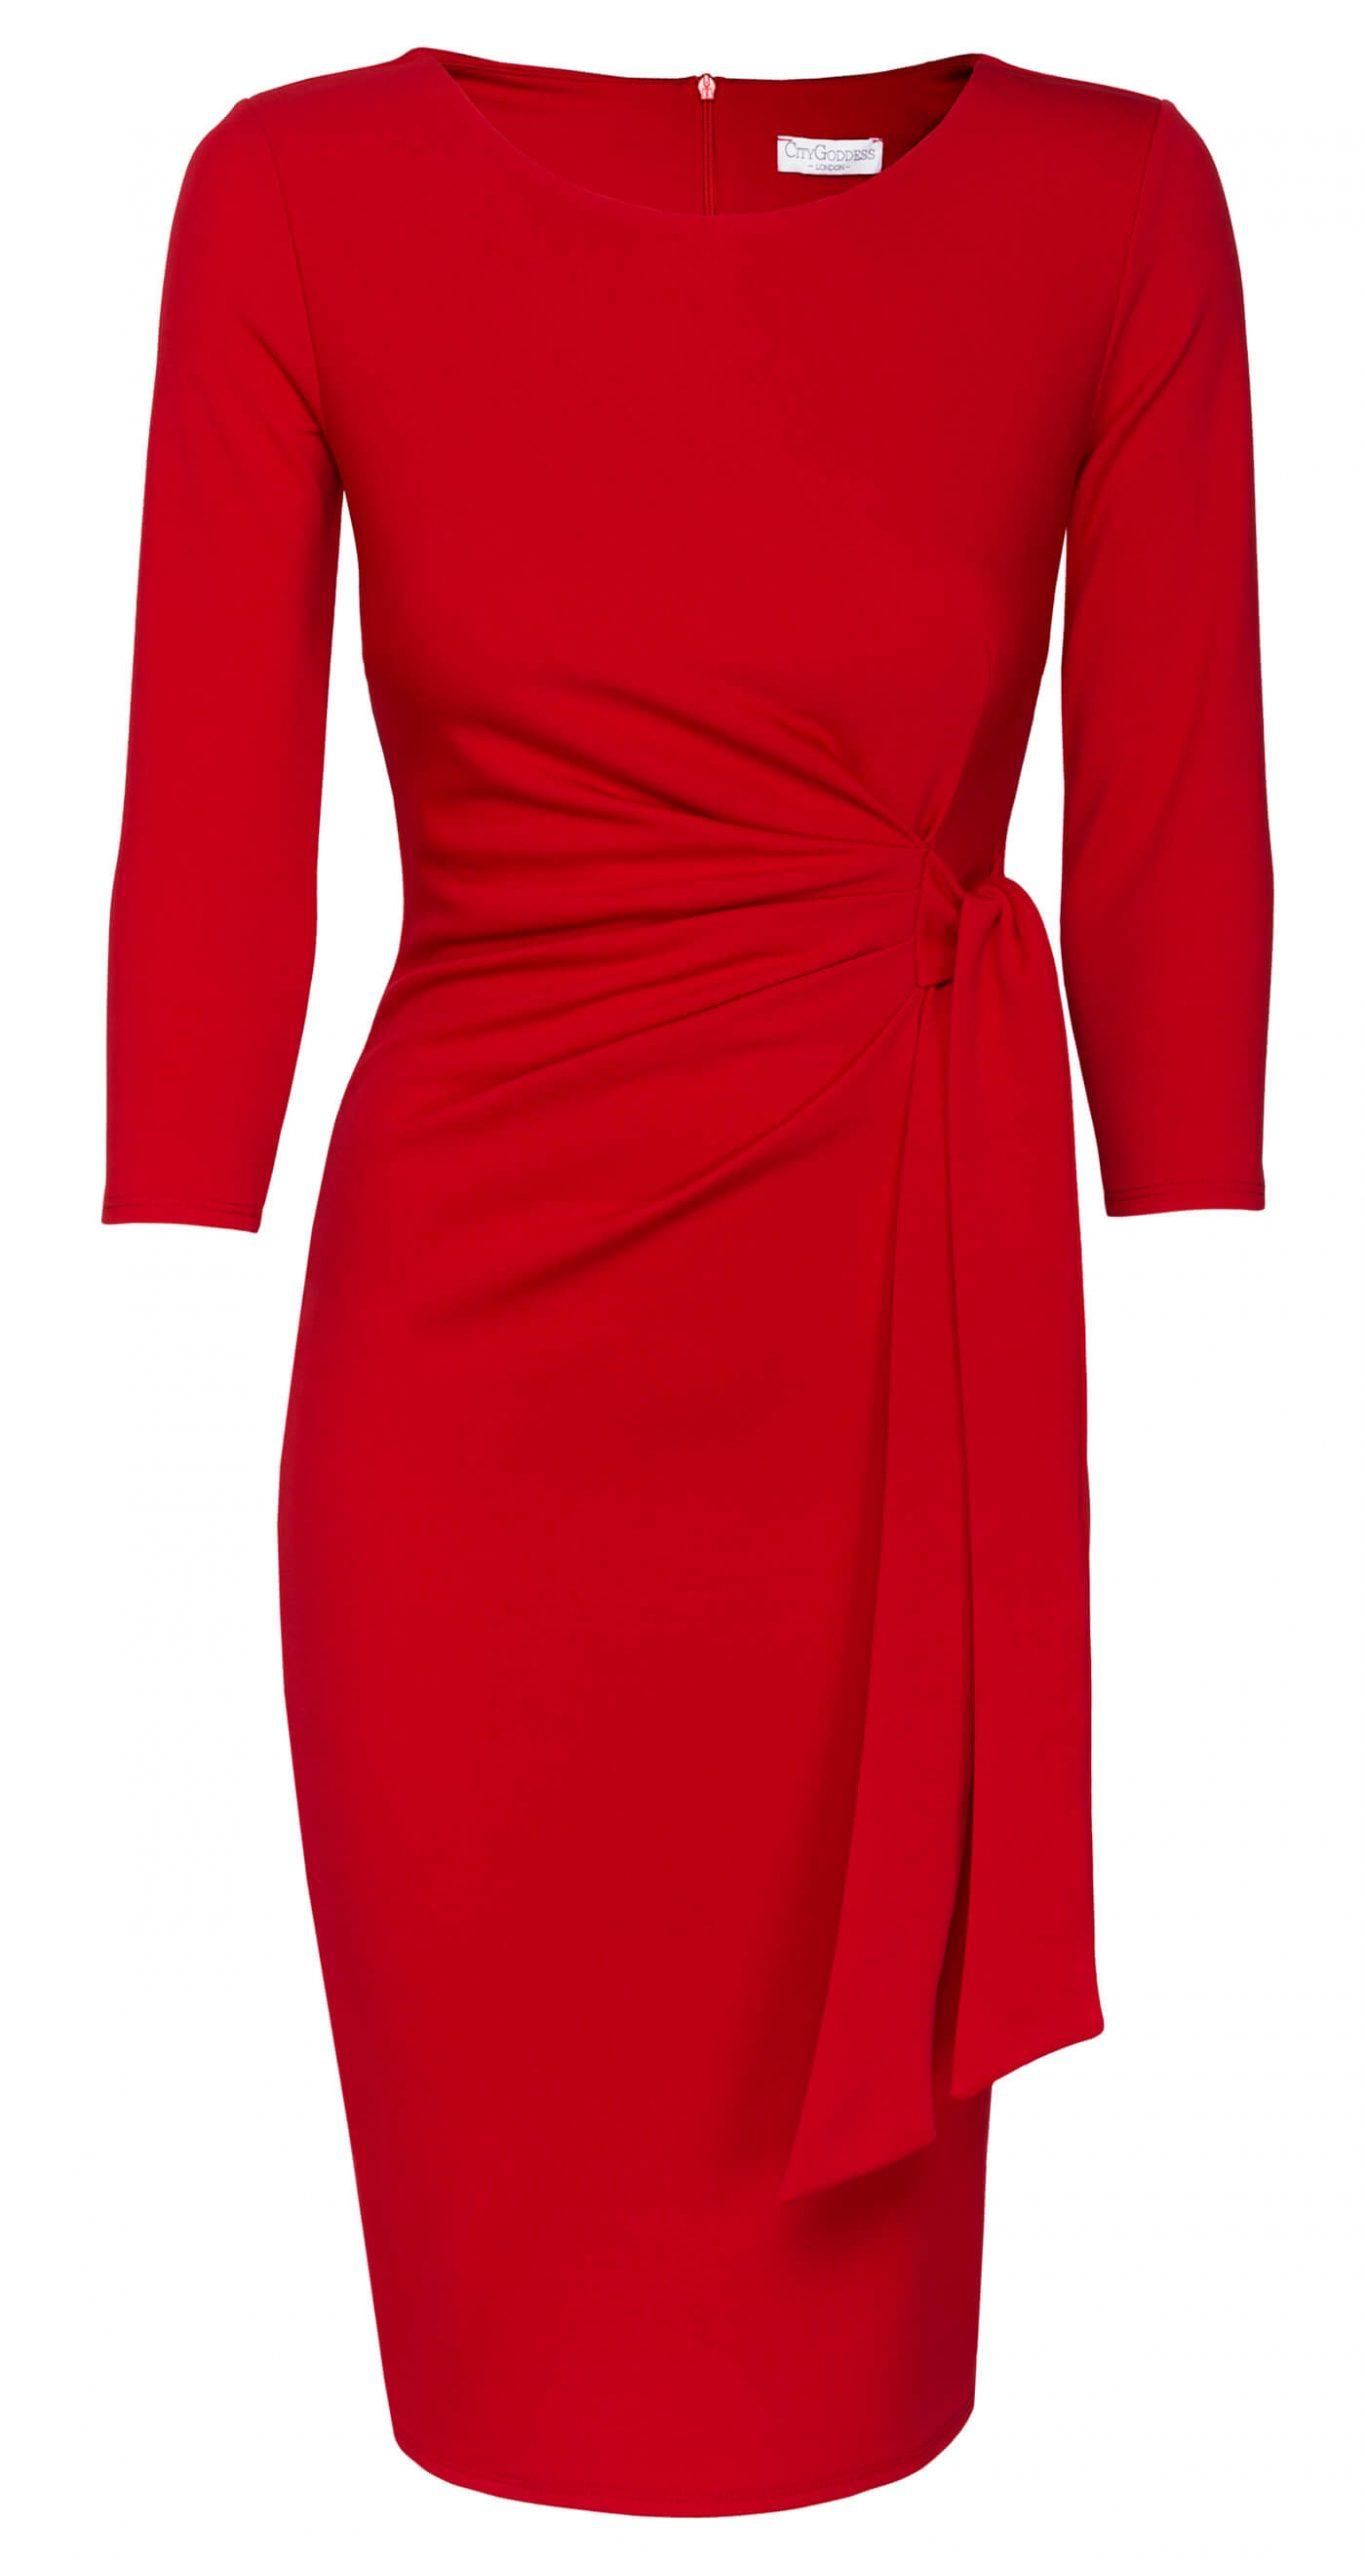 Abend Perfekt Kleider In Rot Bester Preis17 Schön Kleider In Rot Bester Preis